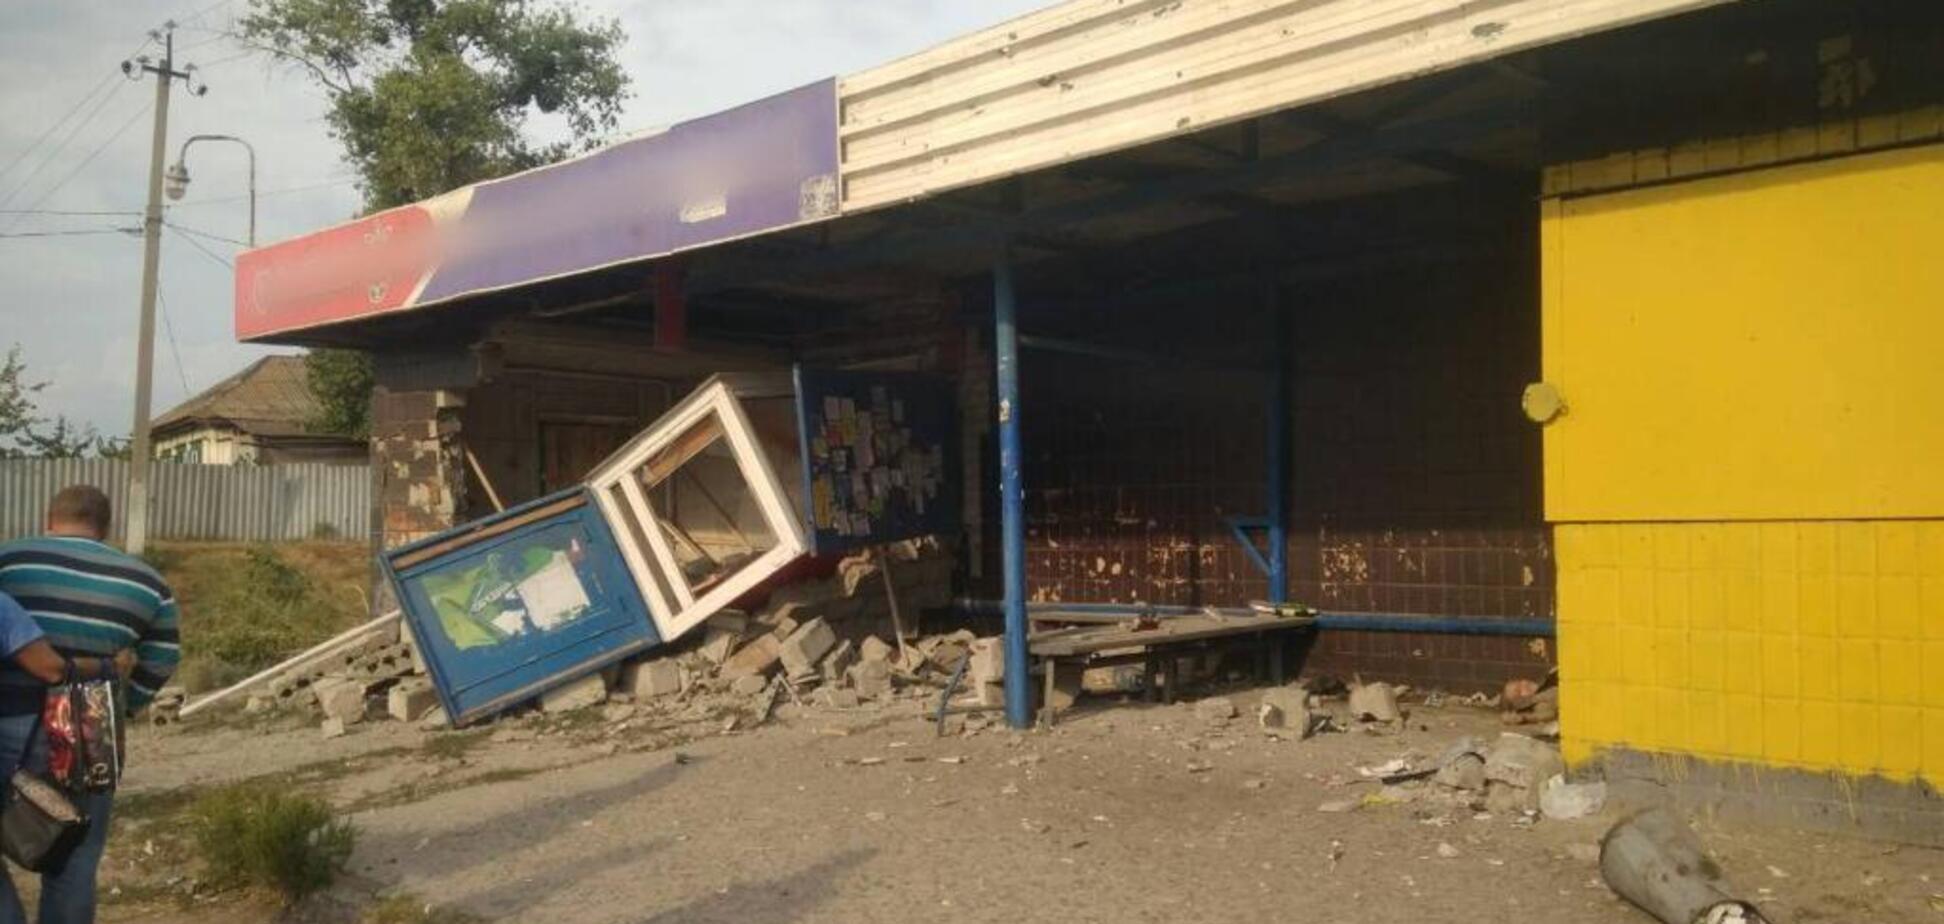 Под Харьковом автомобиль на полном ходу влетел в остановку: есть жертвы